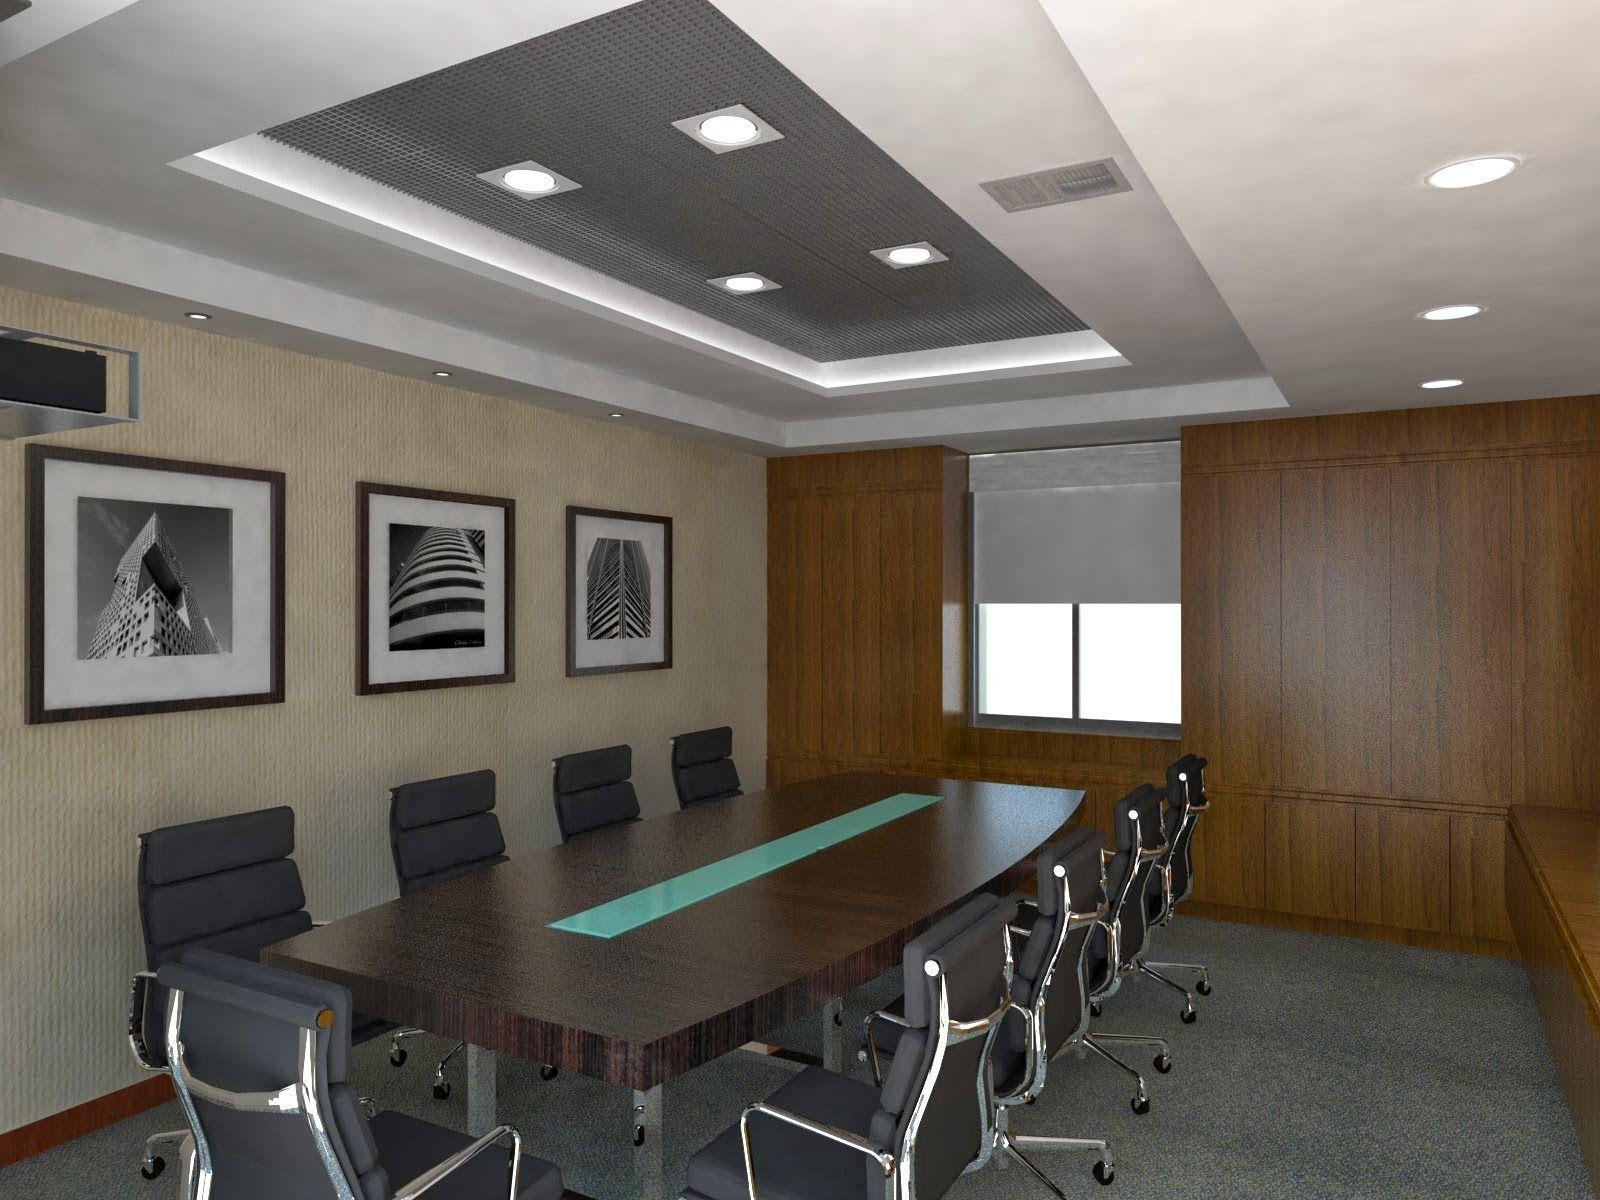 Oniria sala de reuniones mesas mesa de reuniones - Mesas de arquitectura ...